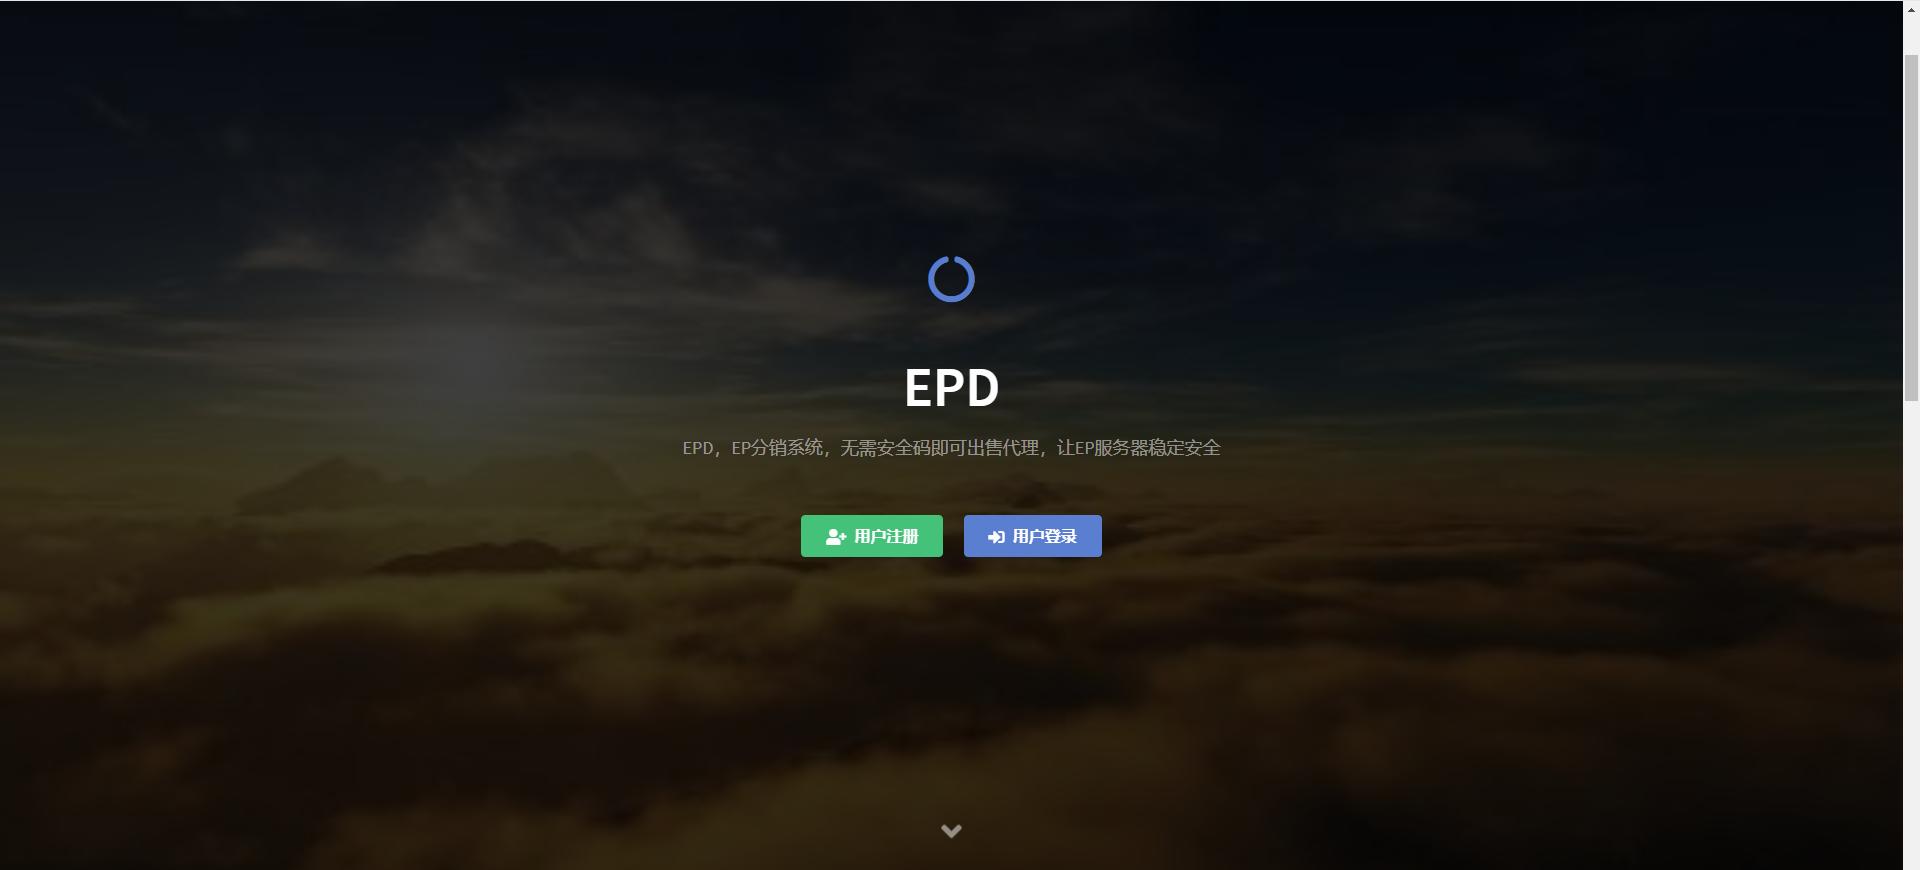 最新小鬼EP分销网站源码,QQ截图20200425234840.png,网站源码,第1张